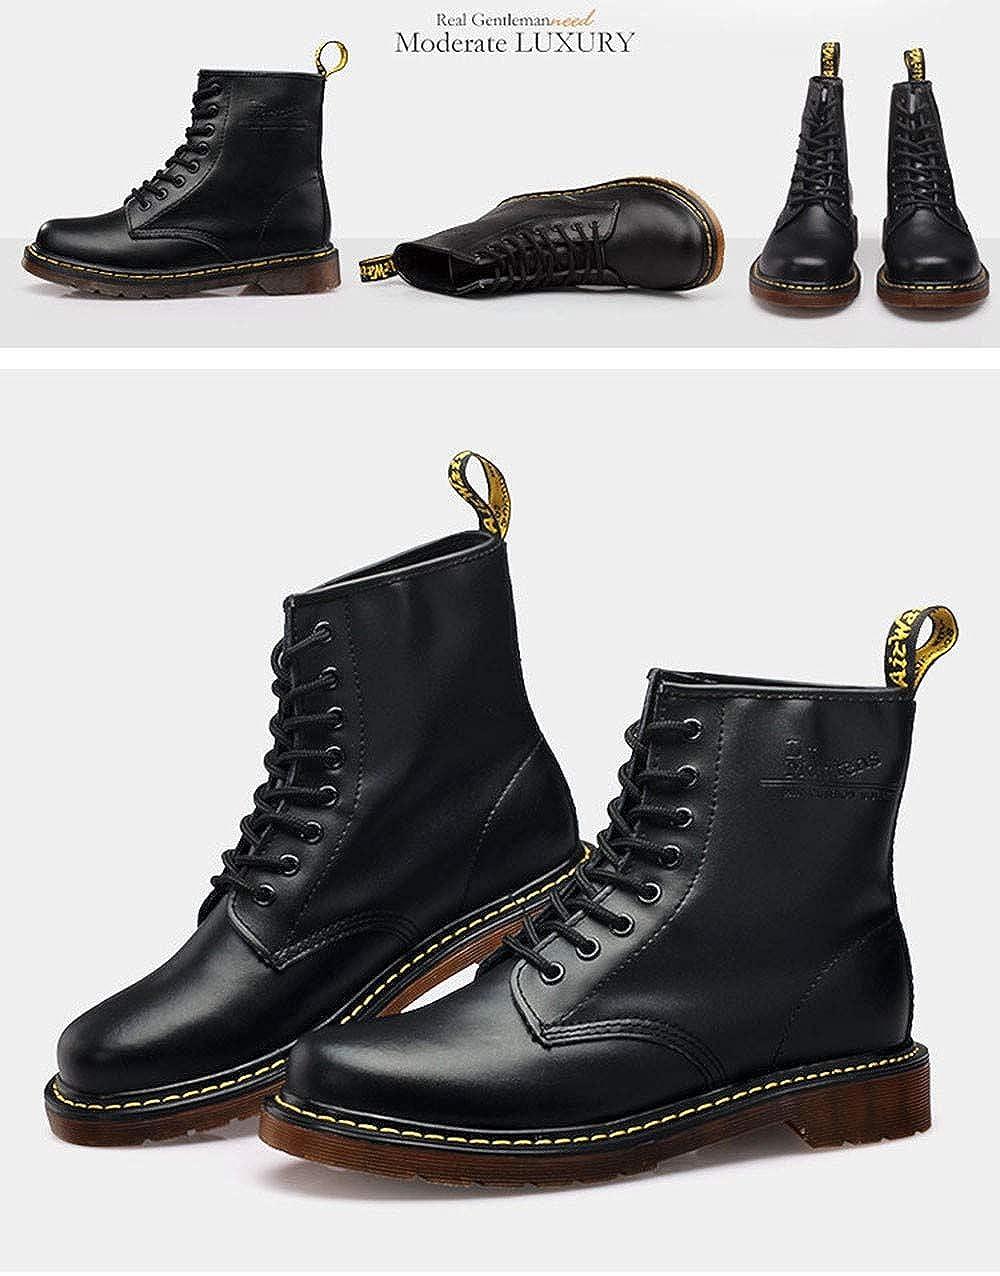 IDNG Basketballschuhe Herren Stiefel Winter Stiefeletten Schuhe Schuhe Schuhe Schnürschuhe Für Herren Schuhe 9dea42